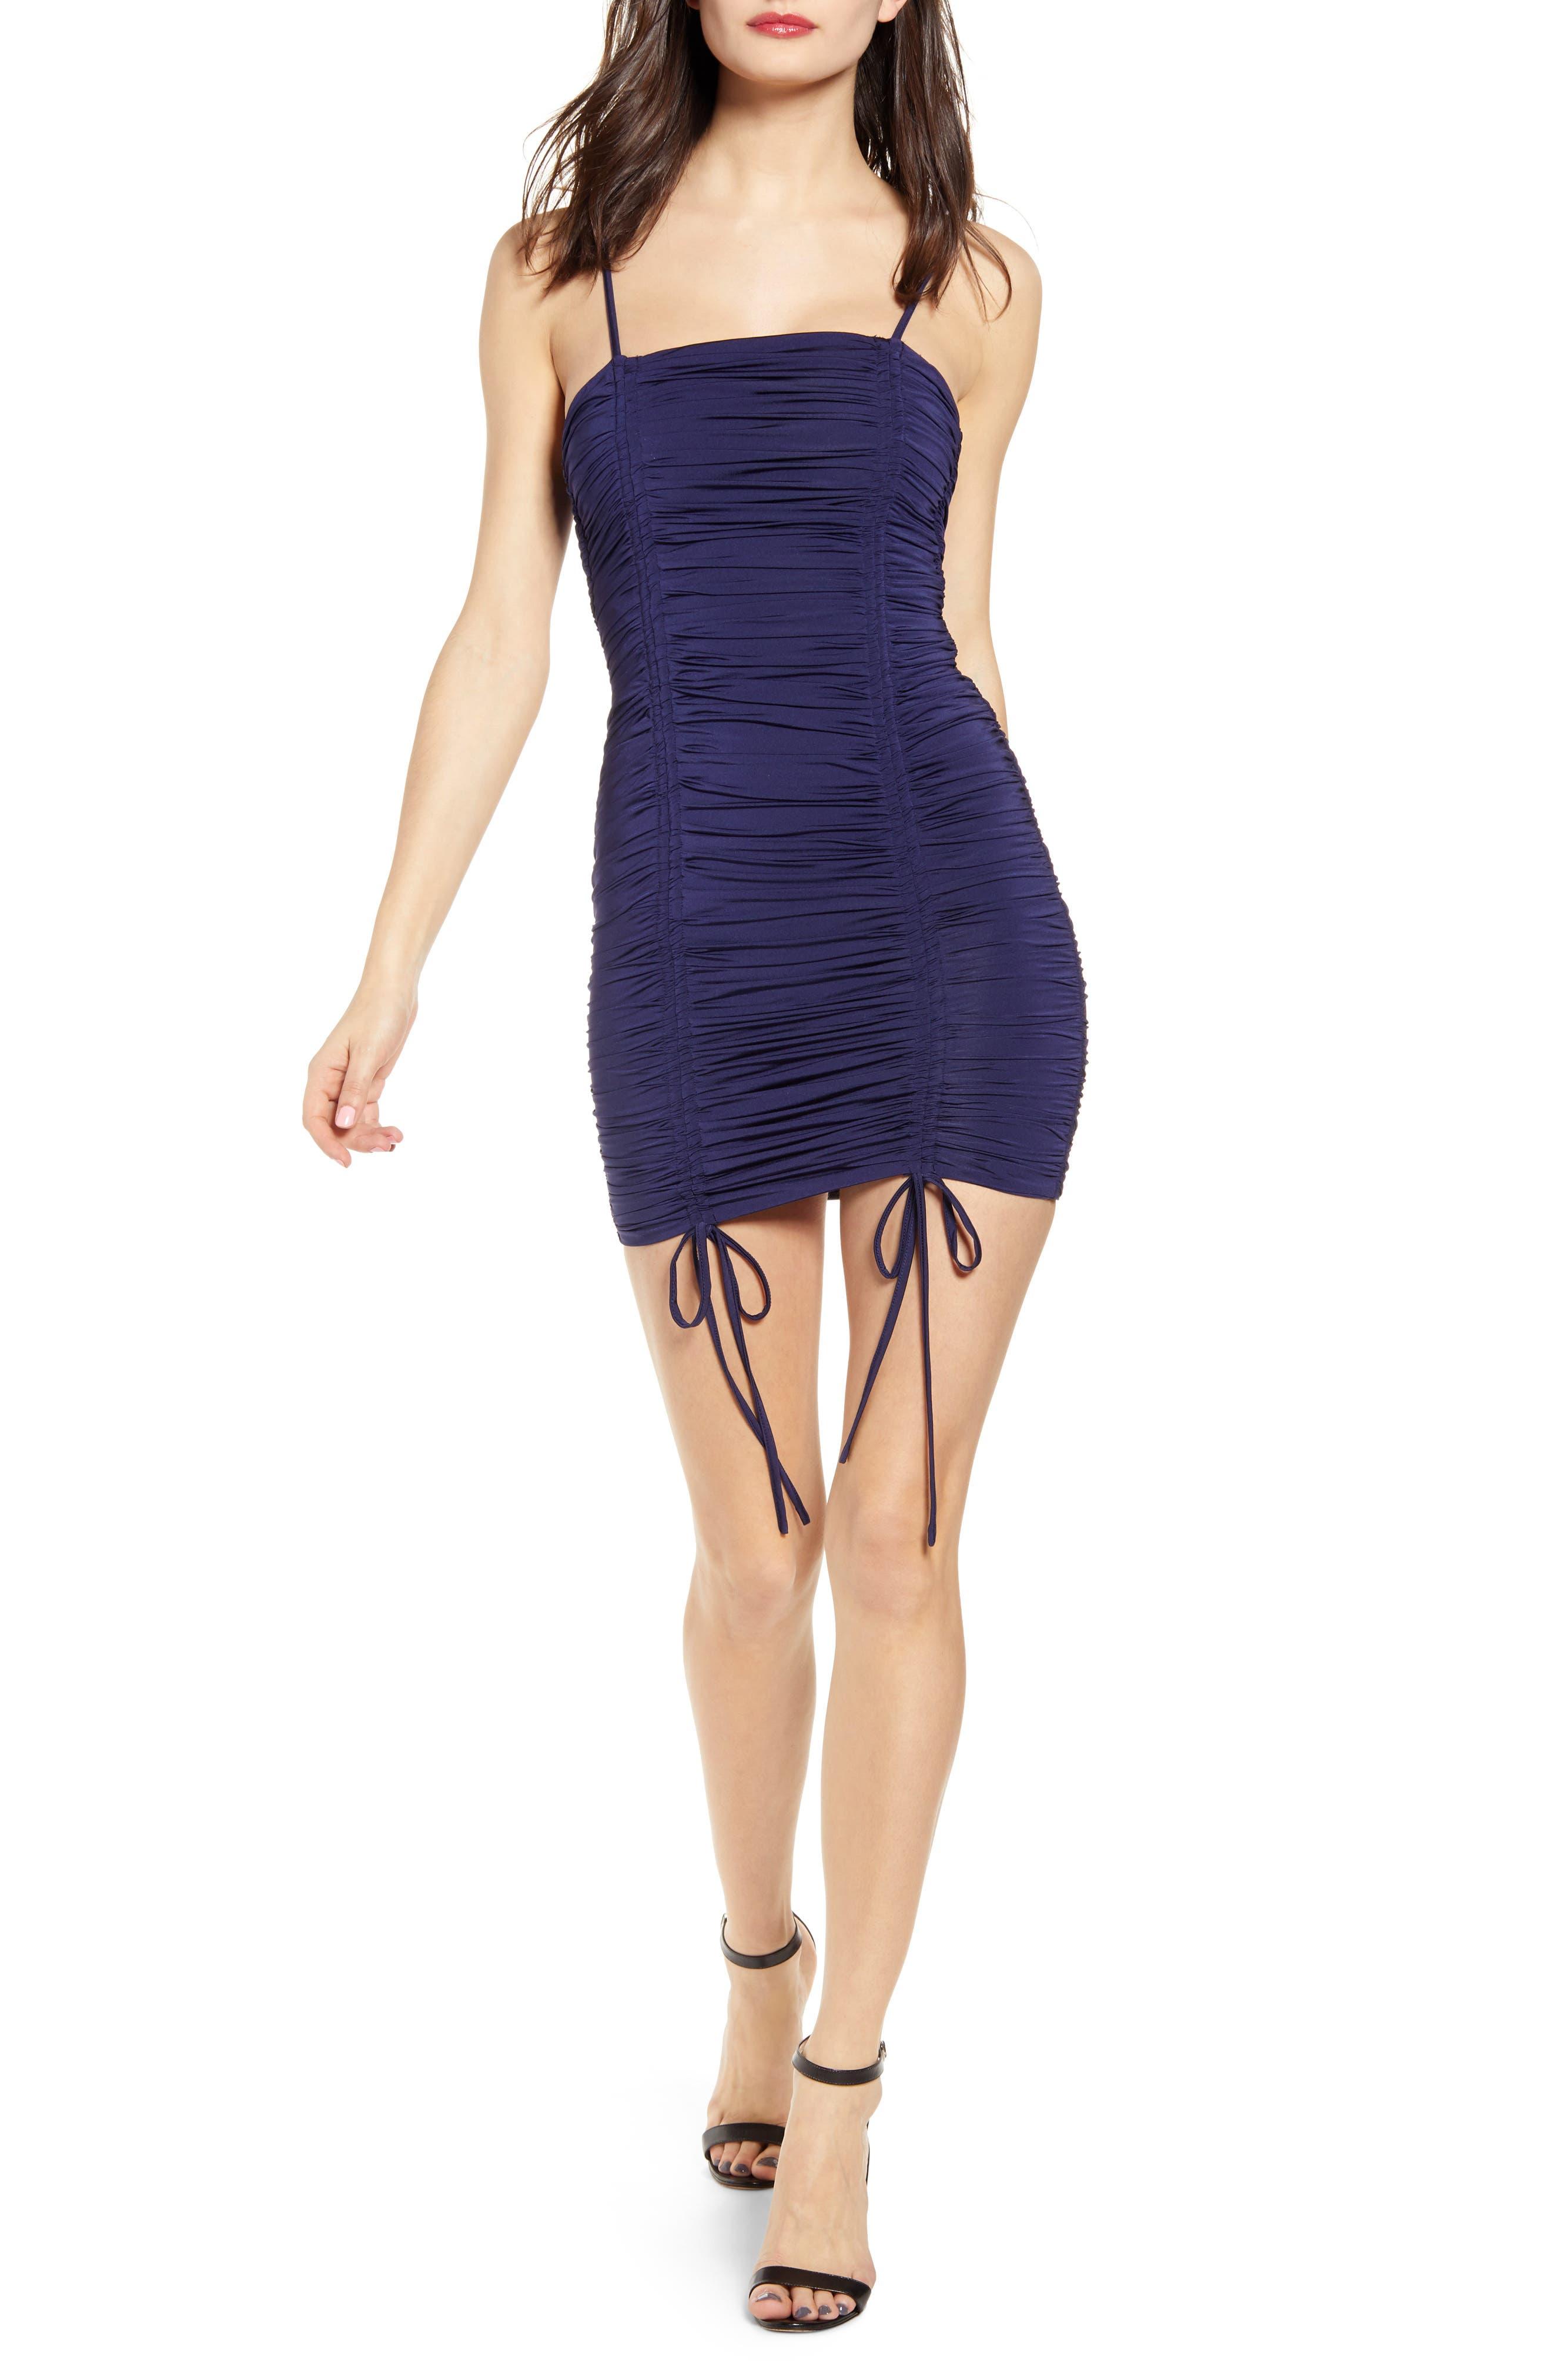 Tiger Mist Zion Ruched Mini Dress